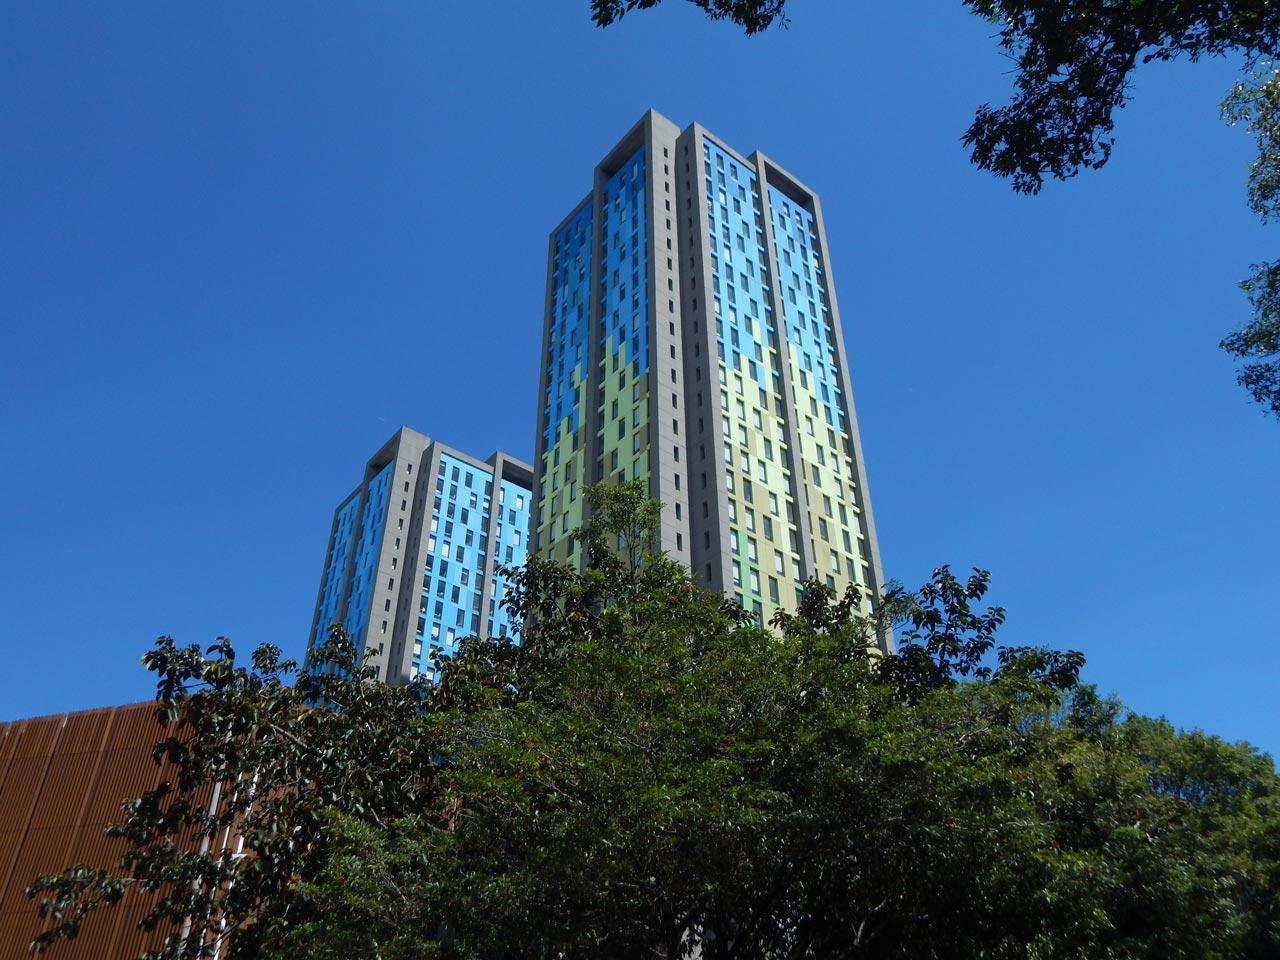 c-2586-city-u-diseno-de-estructuras